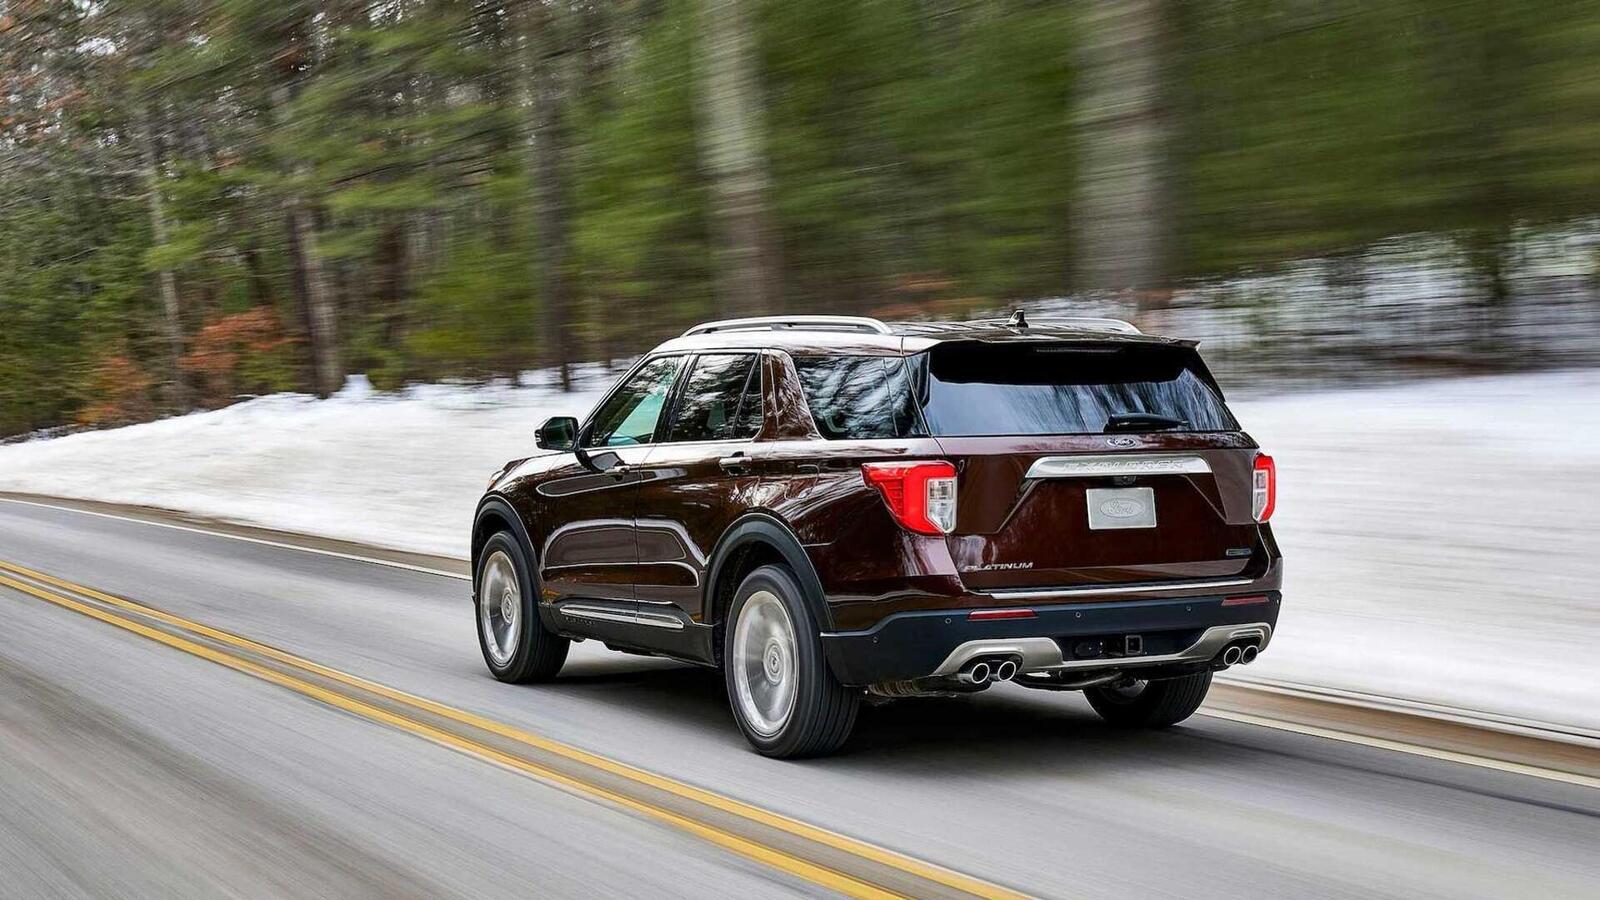 Ford Explorer 2020 thế hệ mới ra mắt; thiết kế mới và cải thiện khả năng vận hành - Hình 21